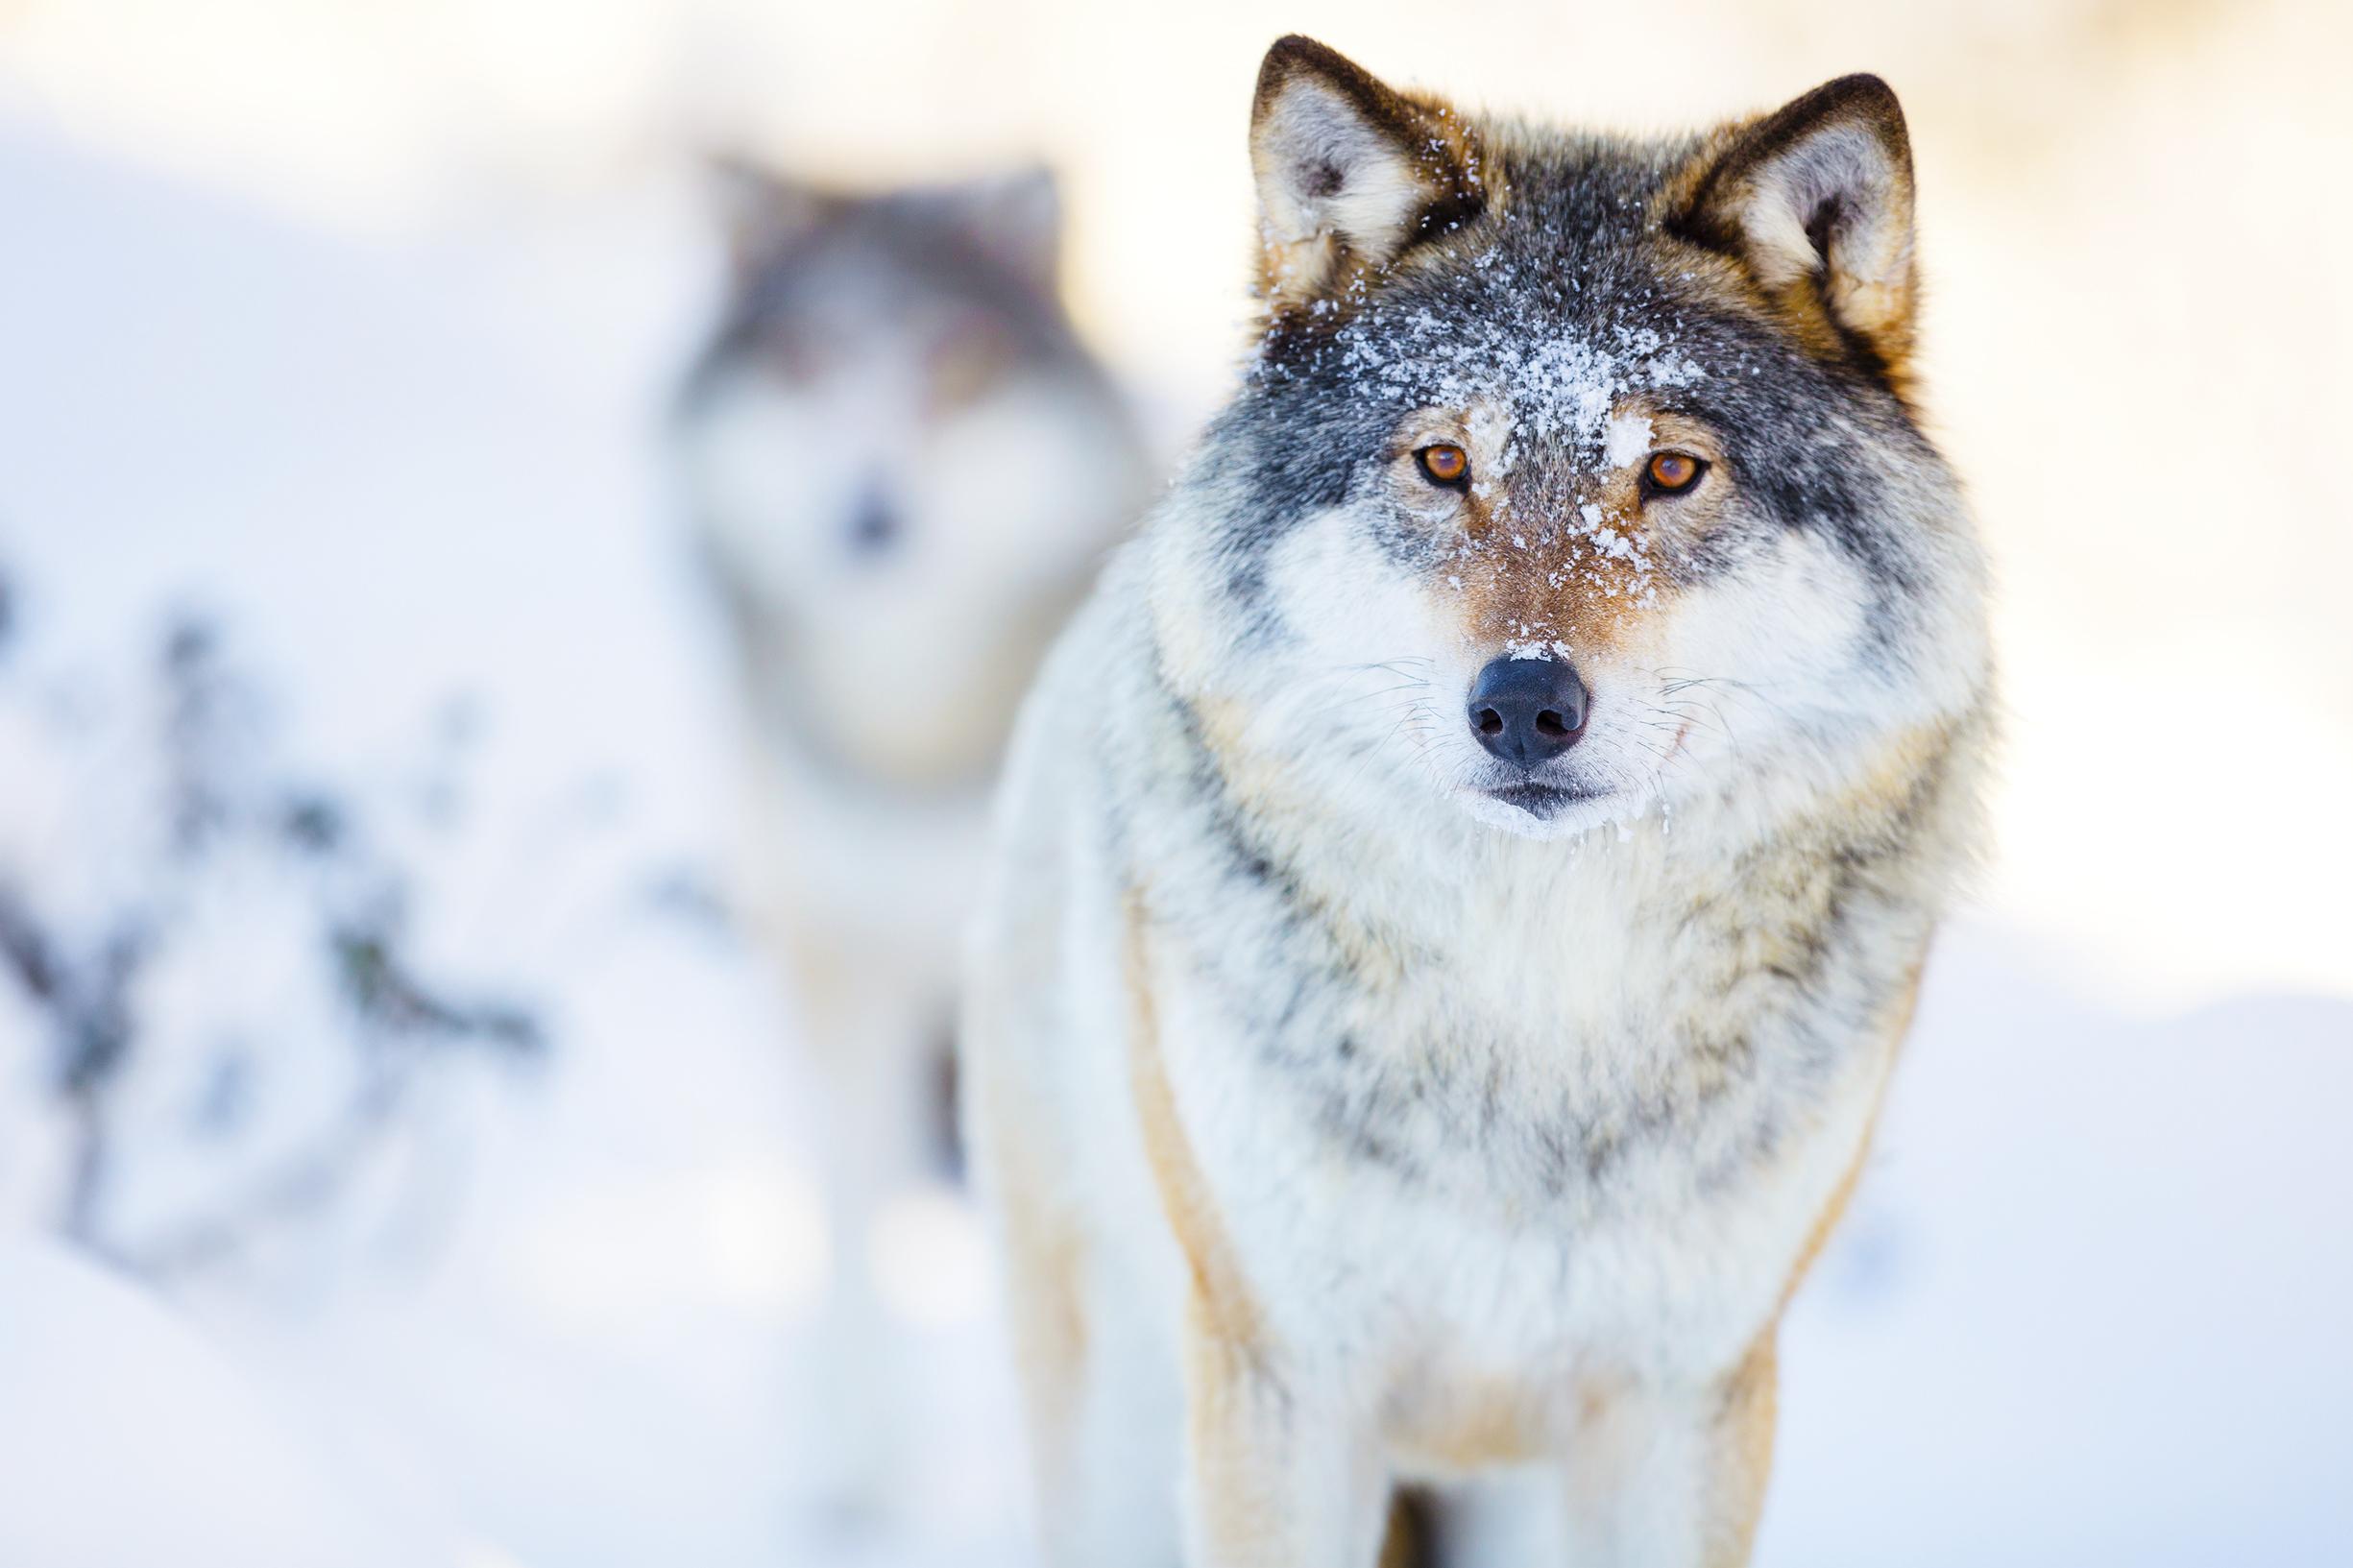 Ögonkontakt med hund respektive varg